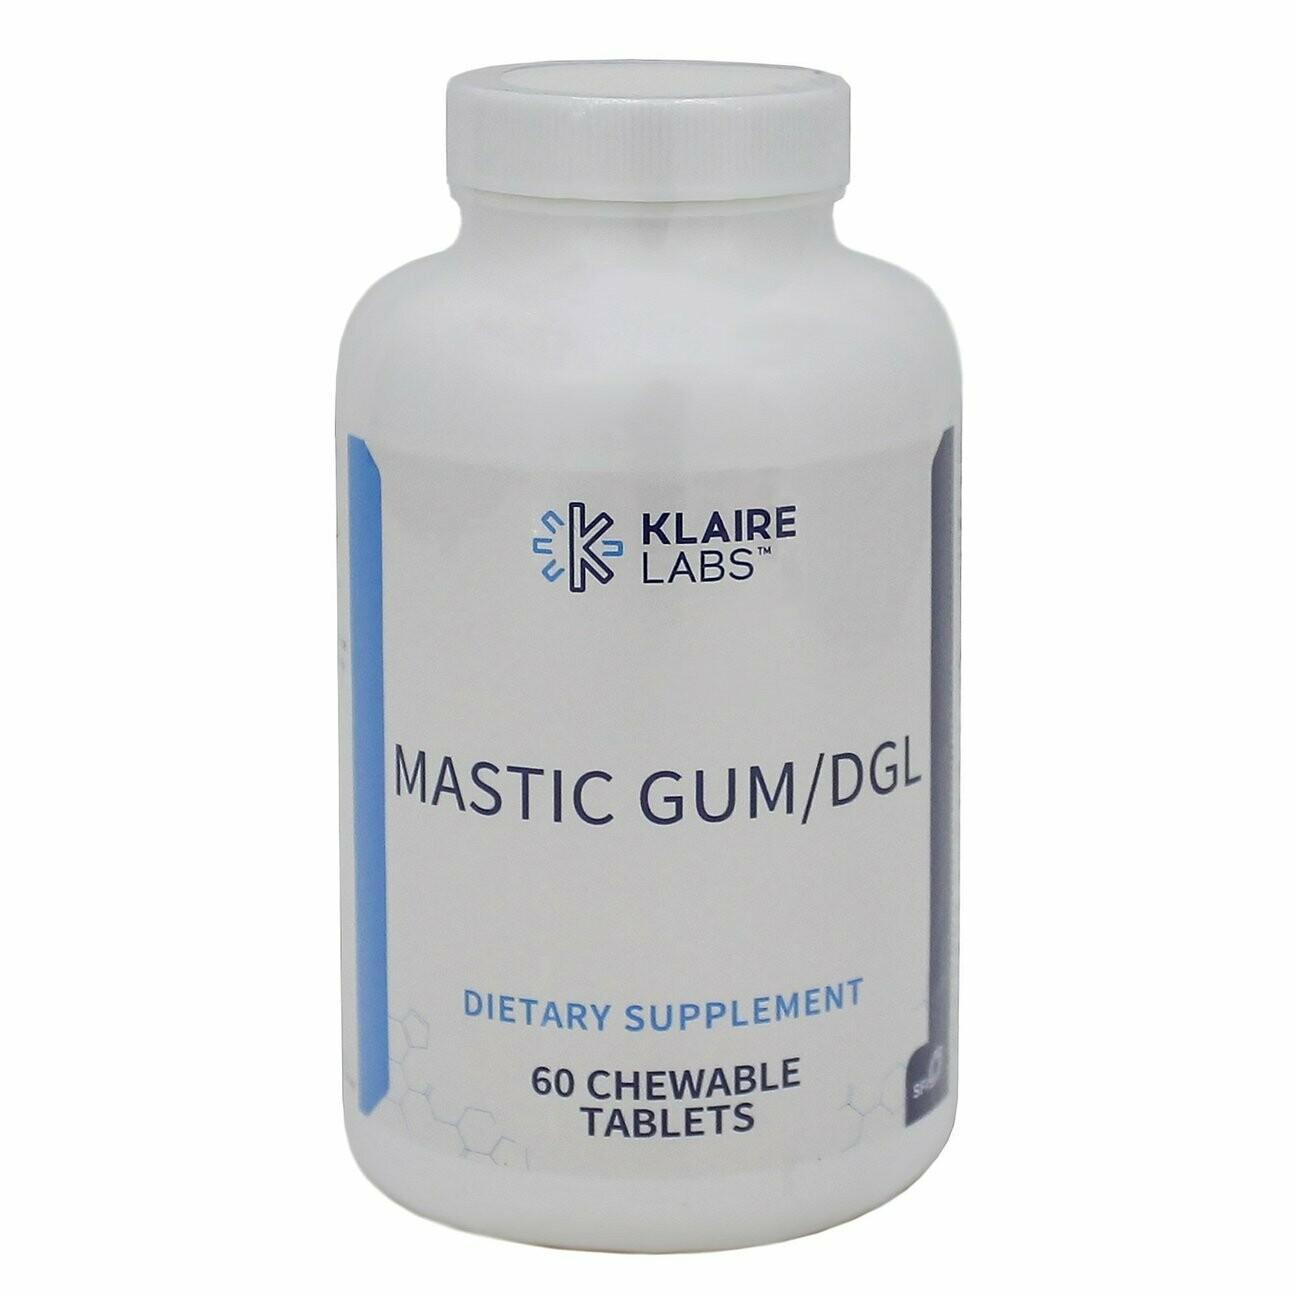 Mastic Gum/DGL by Klaire Labs 60ct